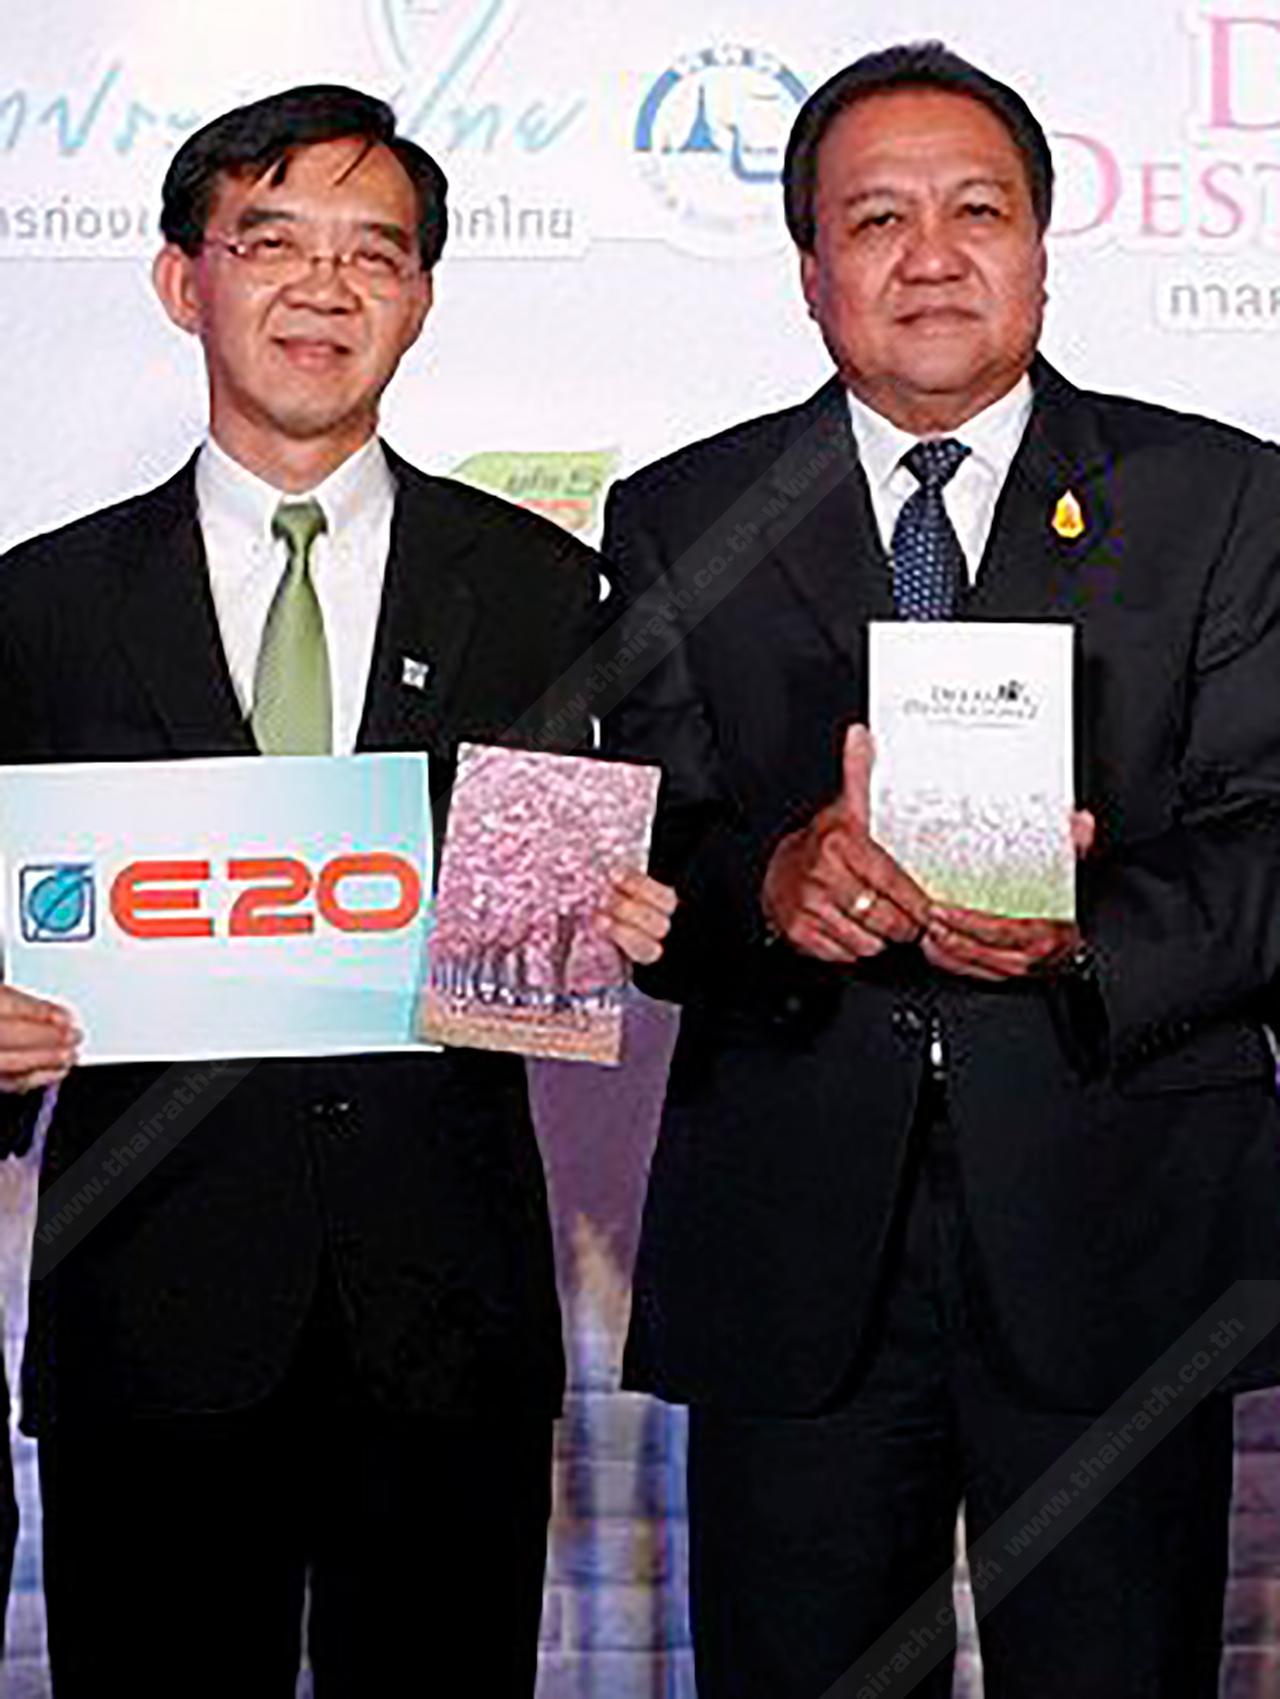 """ททท ร่วมกับ บางจากปิโตรเลียม, ไปรษณีย์ไทย จัดโครงการ """"Dream Destinations 2 กาลครั้งนั้น...ความฝันผลิบาน"""" คู่มือท่องเที่ยว 22 สุดยอดเส้นทางสายดอกไม้ทั่วประเทศ"""